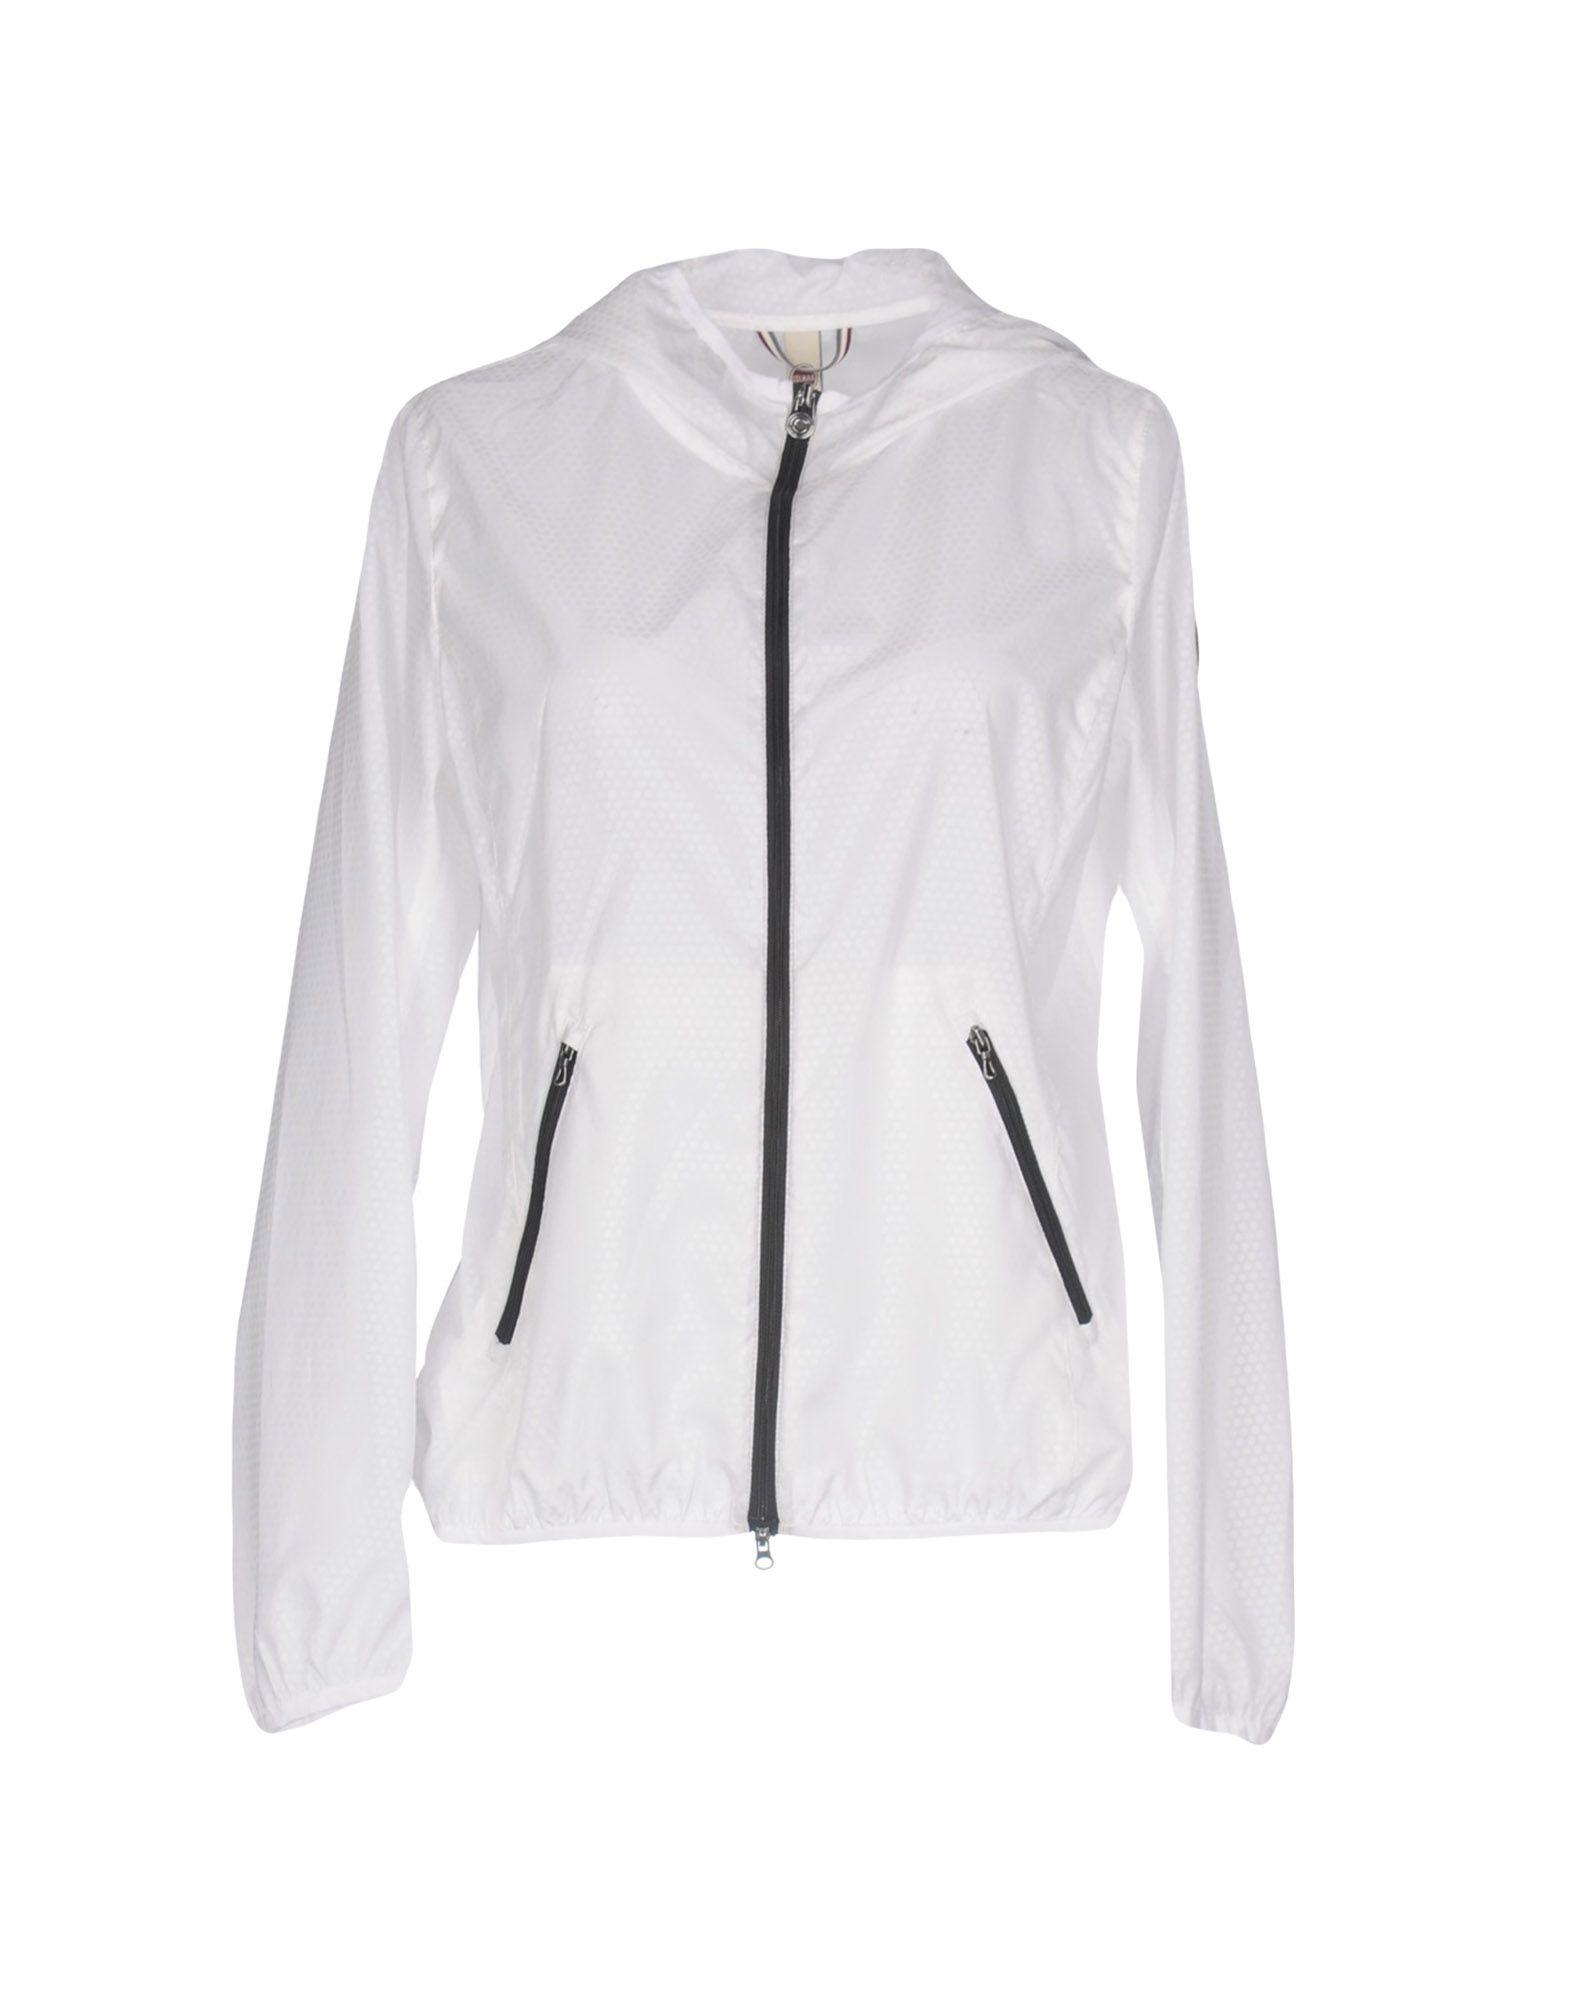 COLMAR ORIGINALS Jacket in White